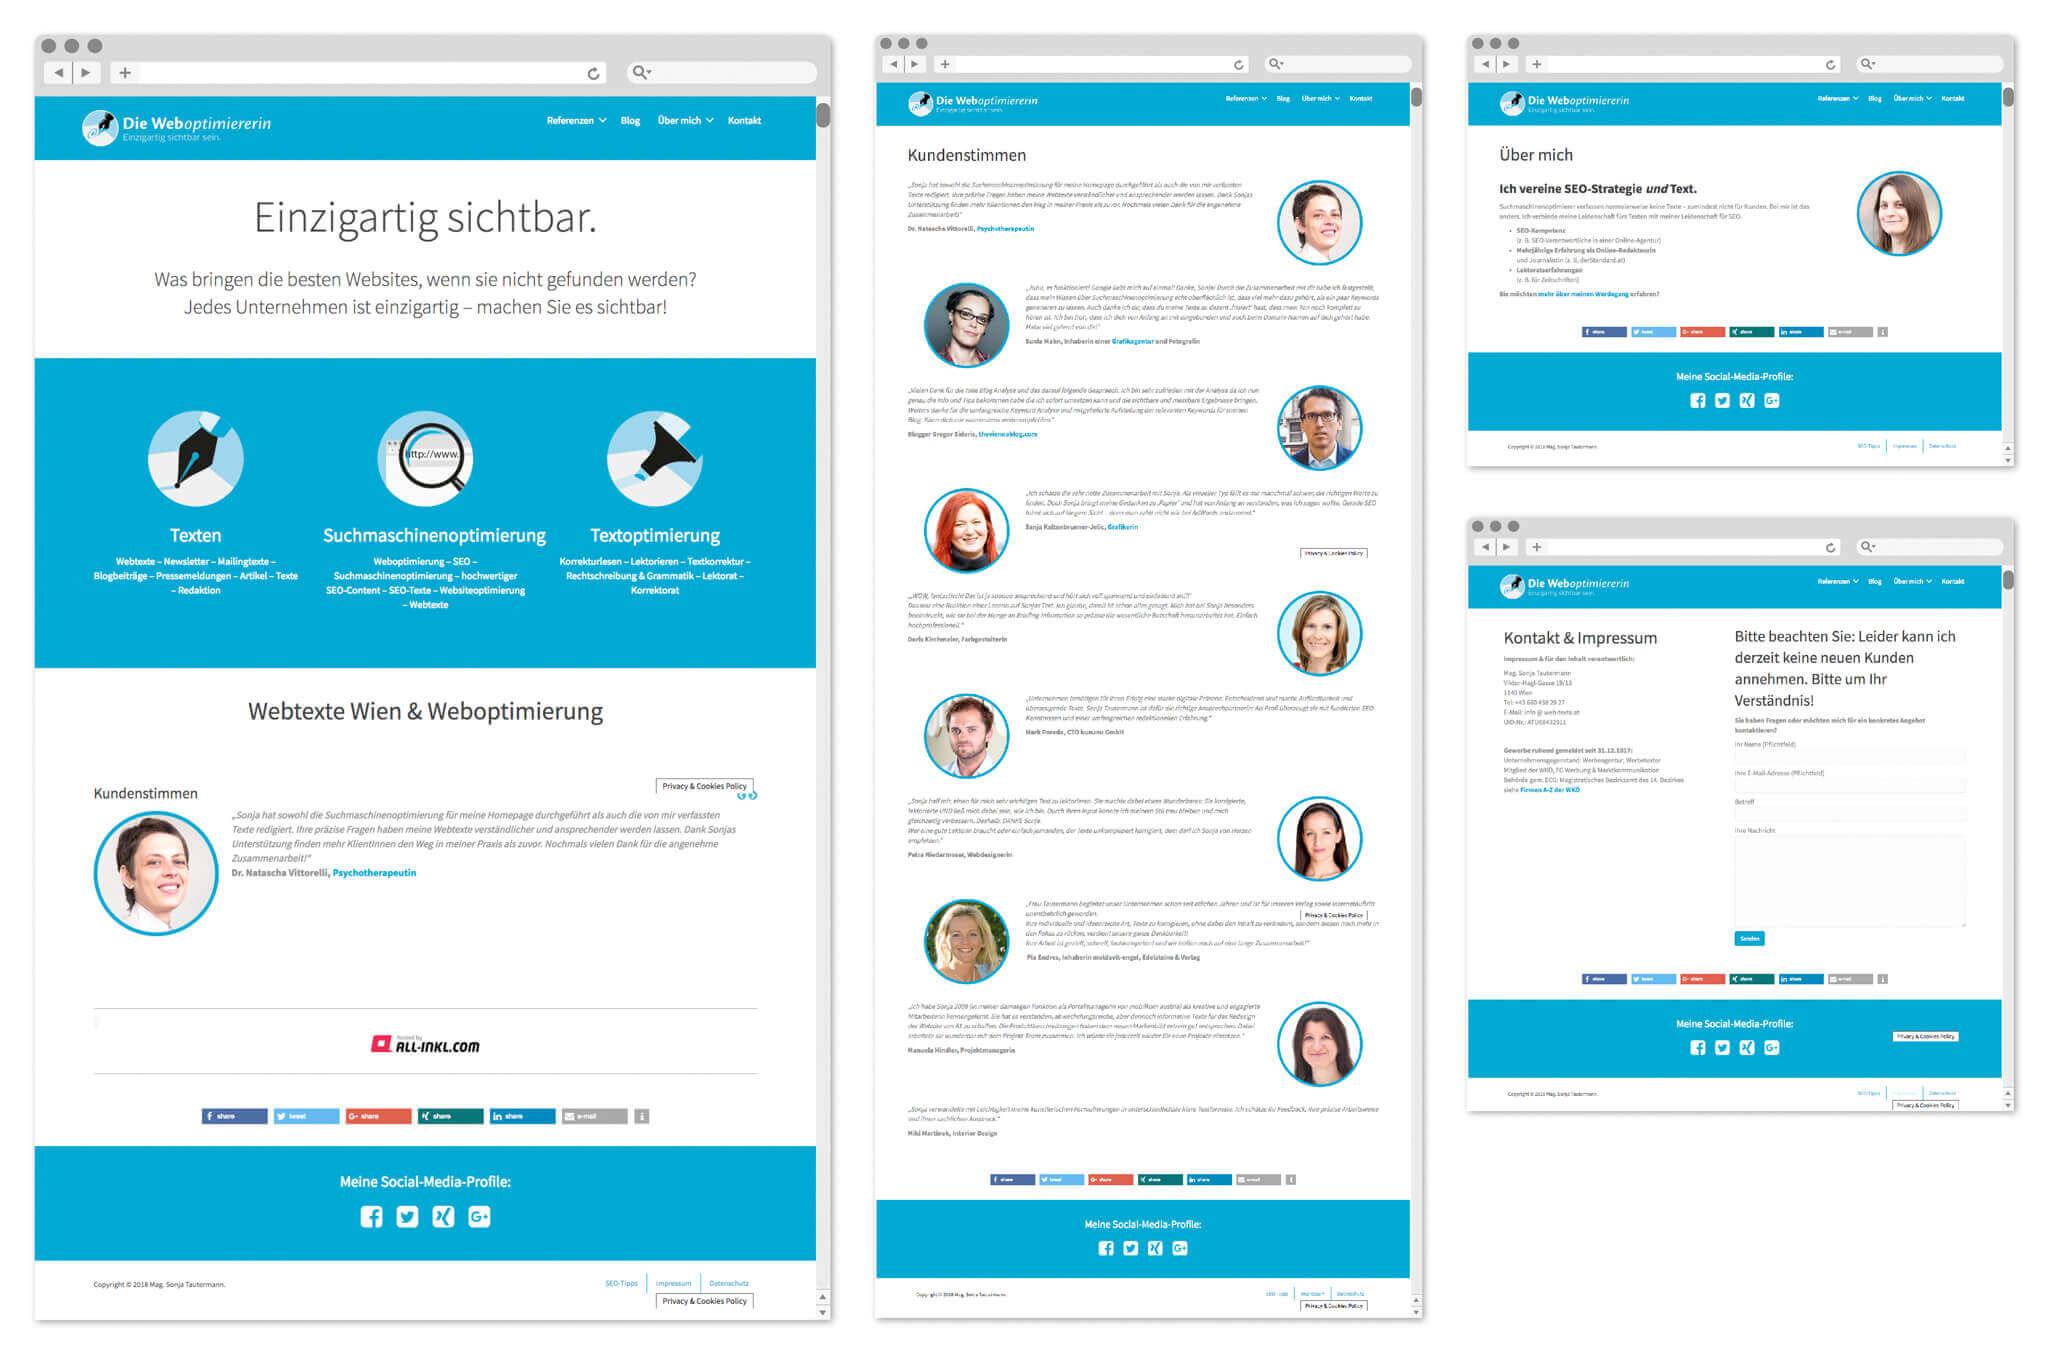 Mag. Sonja Tautermann – Weboptimiererin   Webseite   Entwurf und Gestaltung   2014